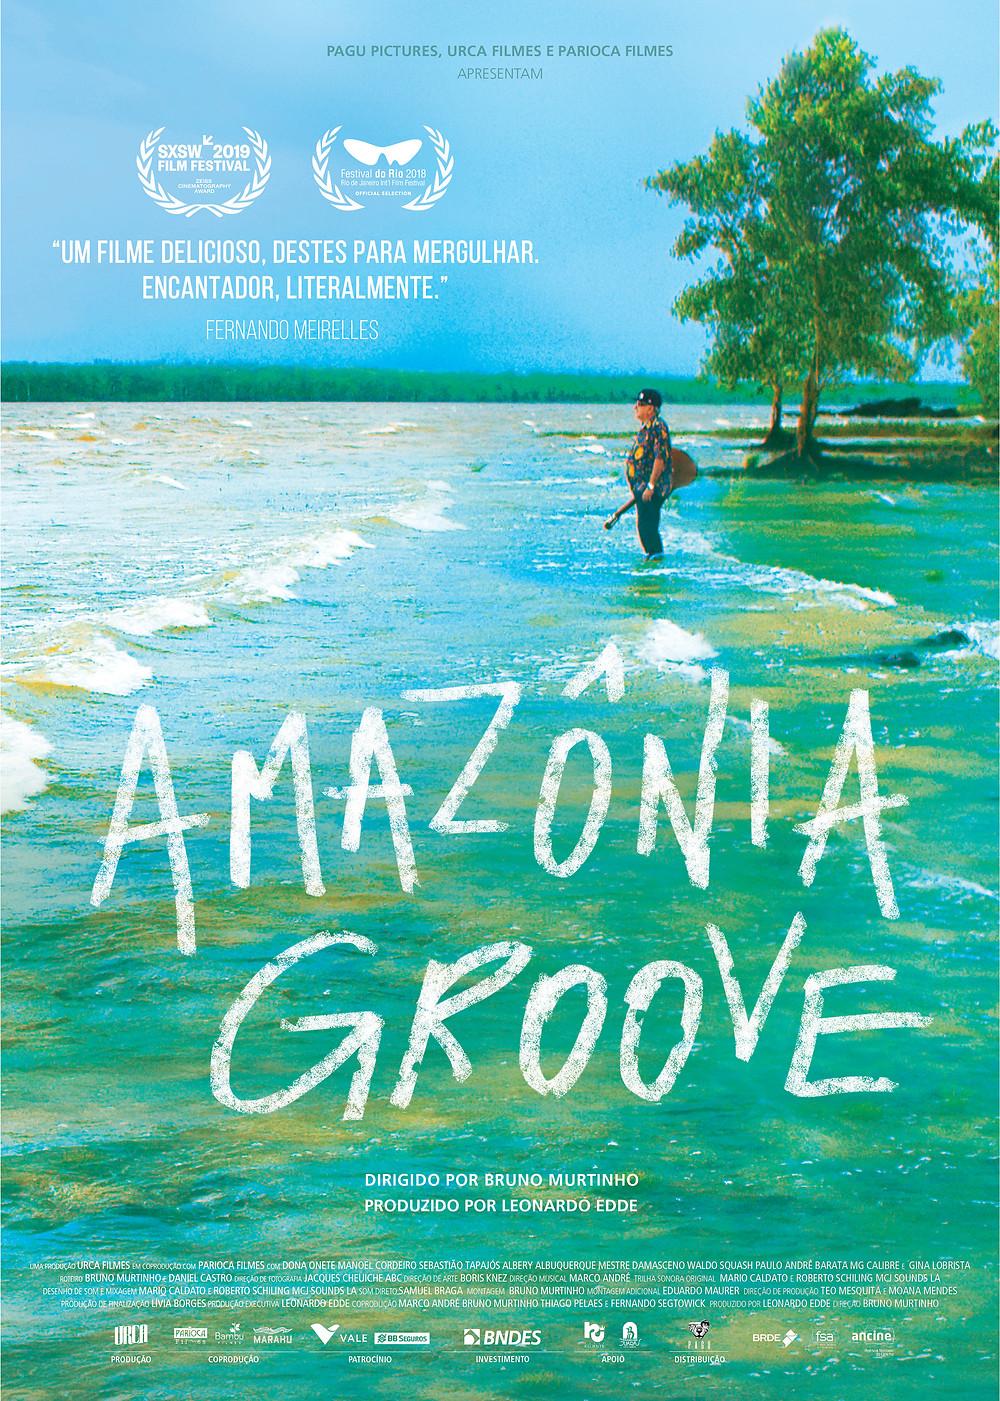 Cartaz do documentário nacional Amazônia Groove (2019) | Divulgação (Pagu Pictures)